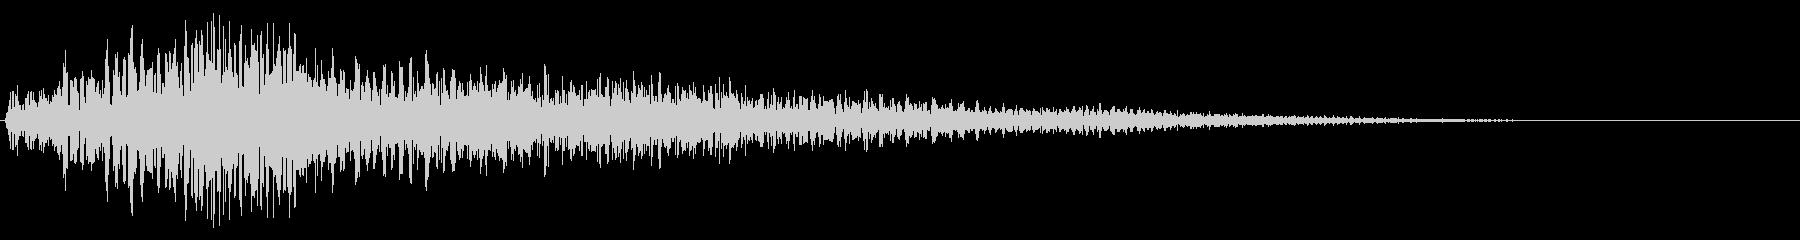 ニュース・ジングル・場面転換02(低音)の未再生の波形